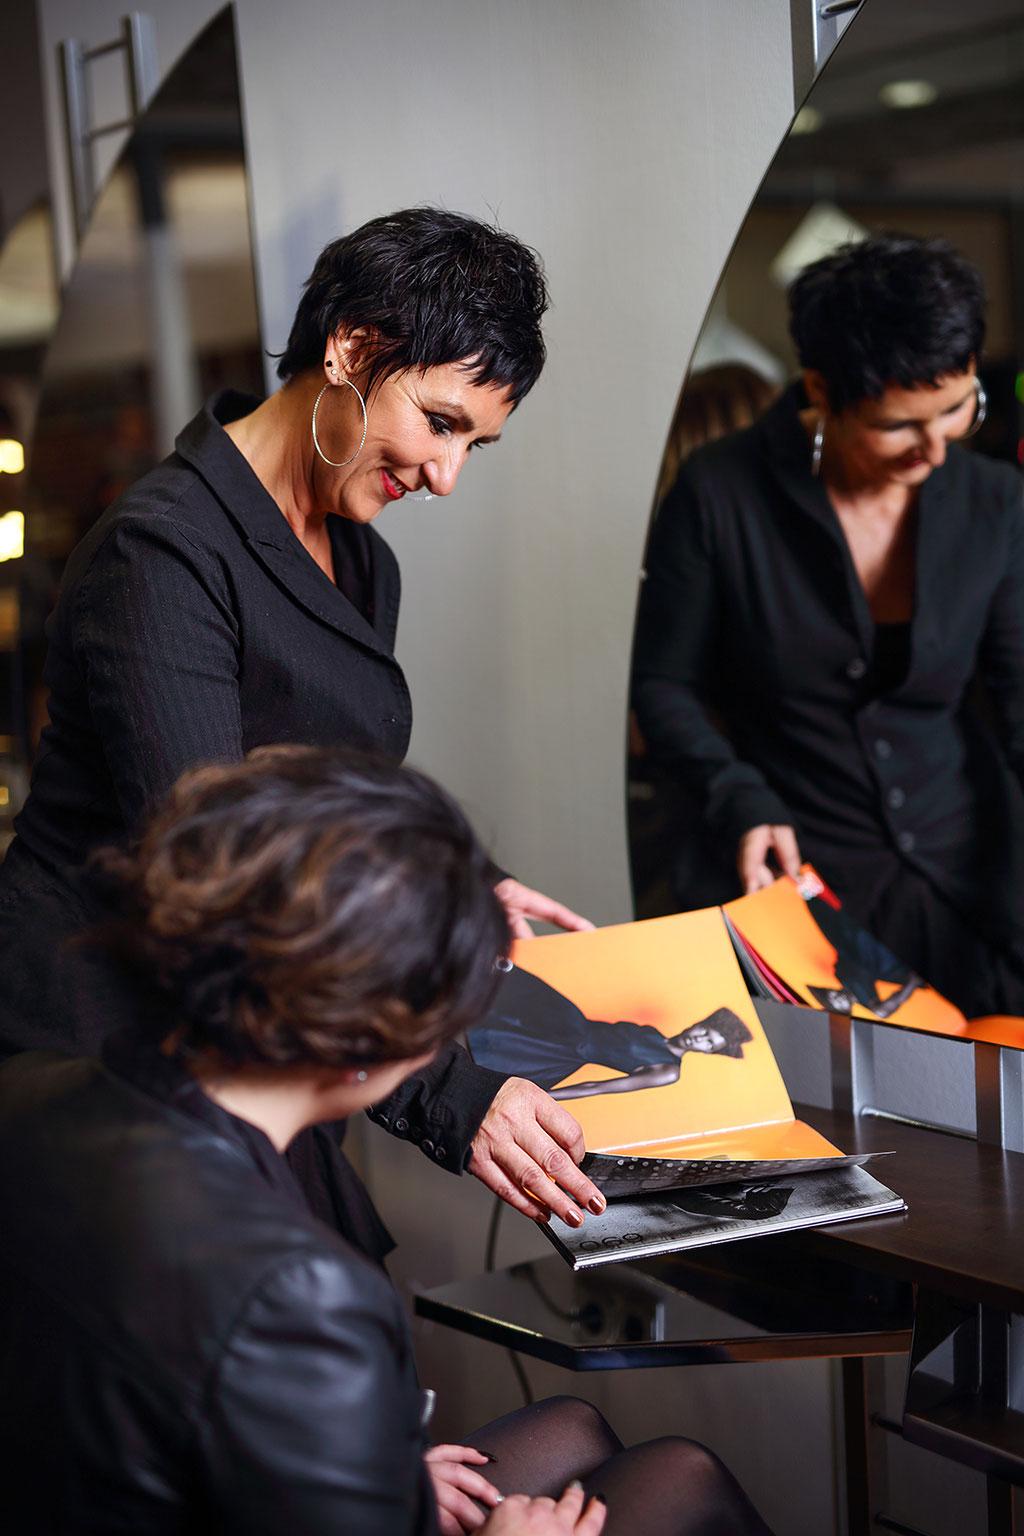 Friseursalon_Aufnahmen_Portrait_Business_Dortmund_Fotografin Julia Neubauer